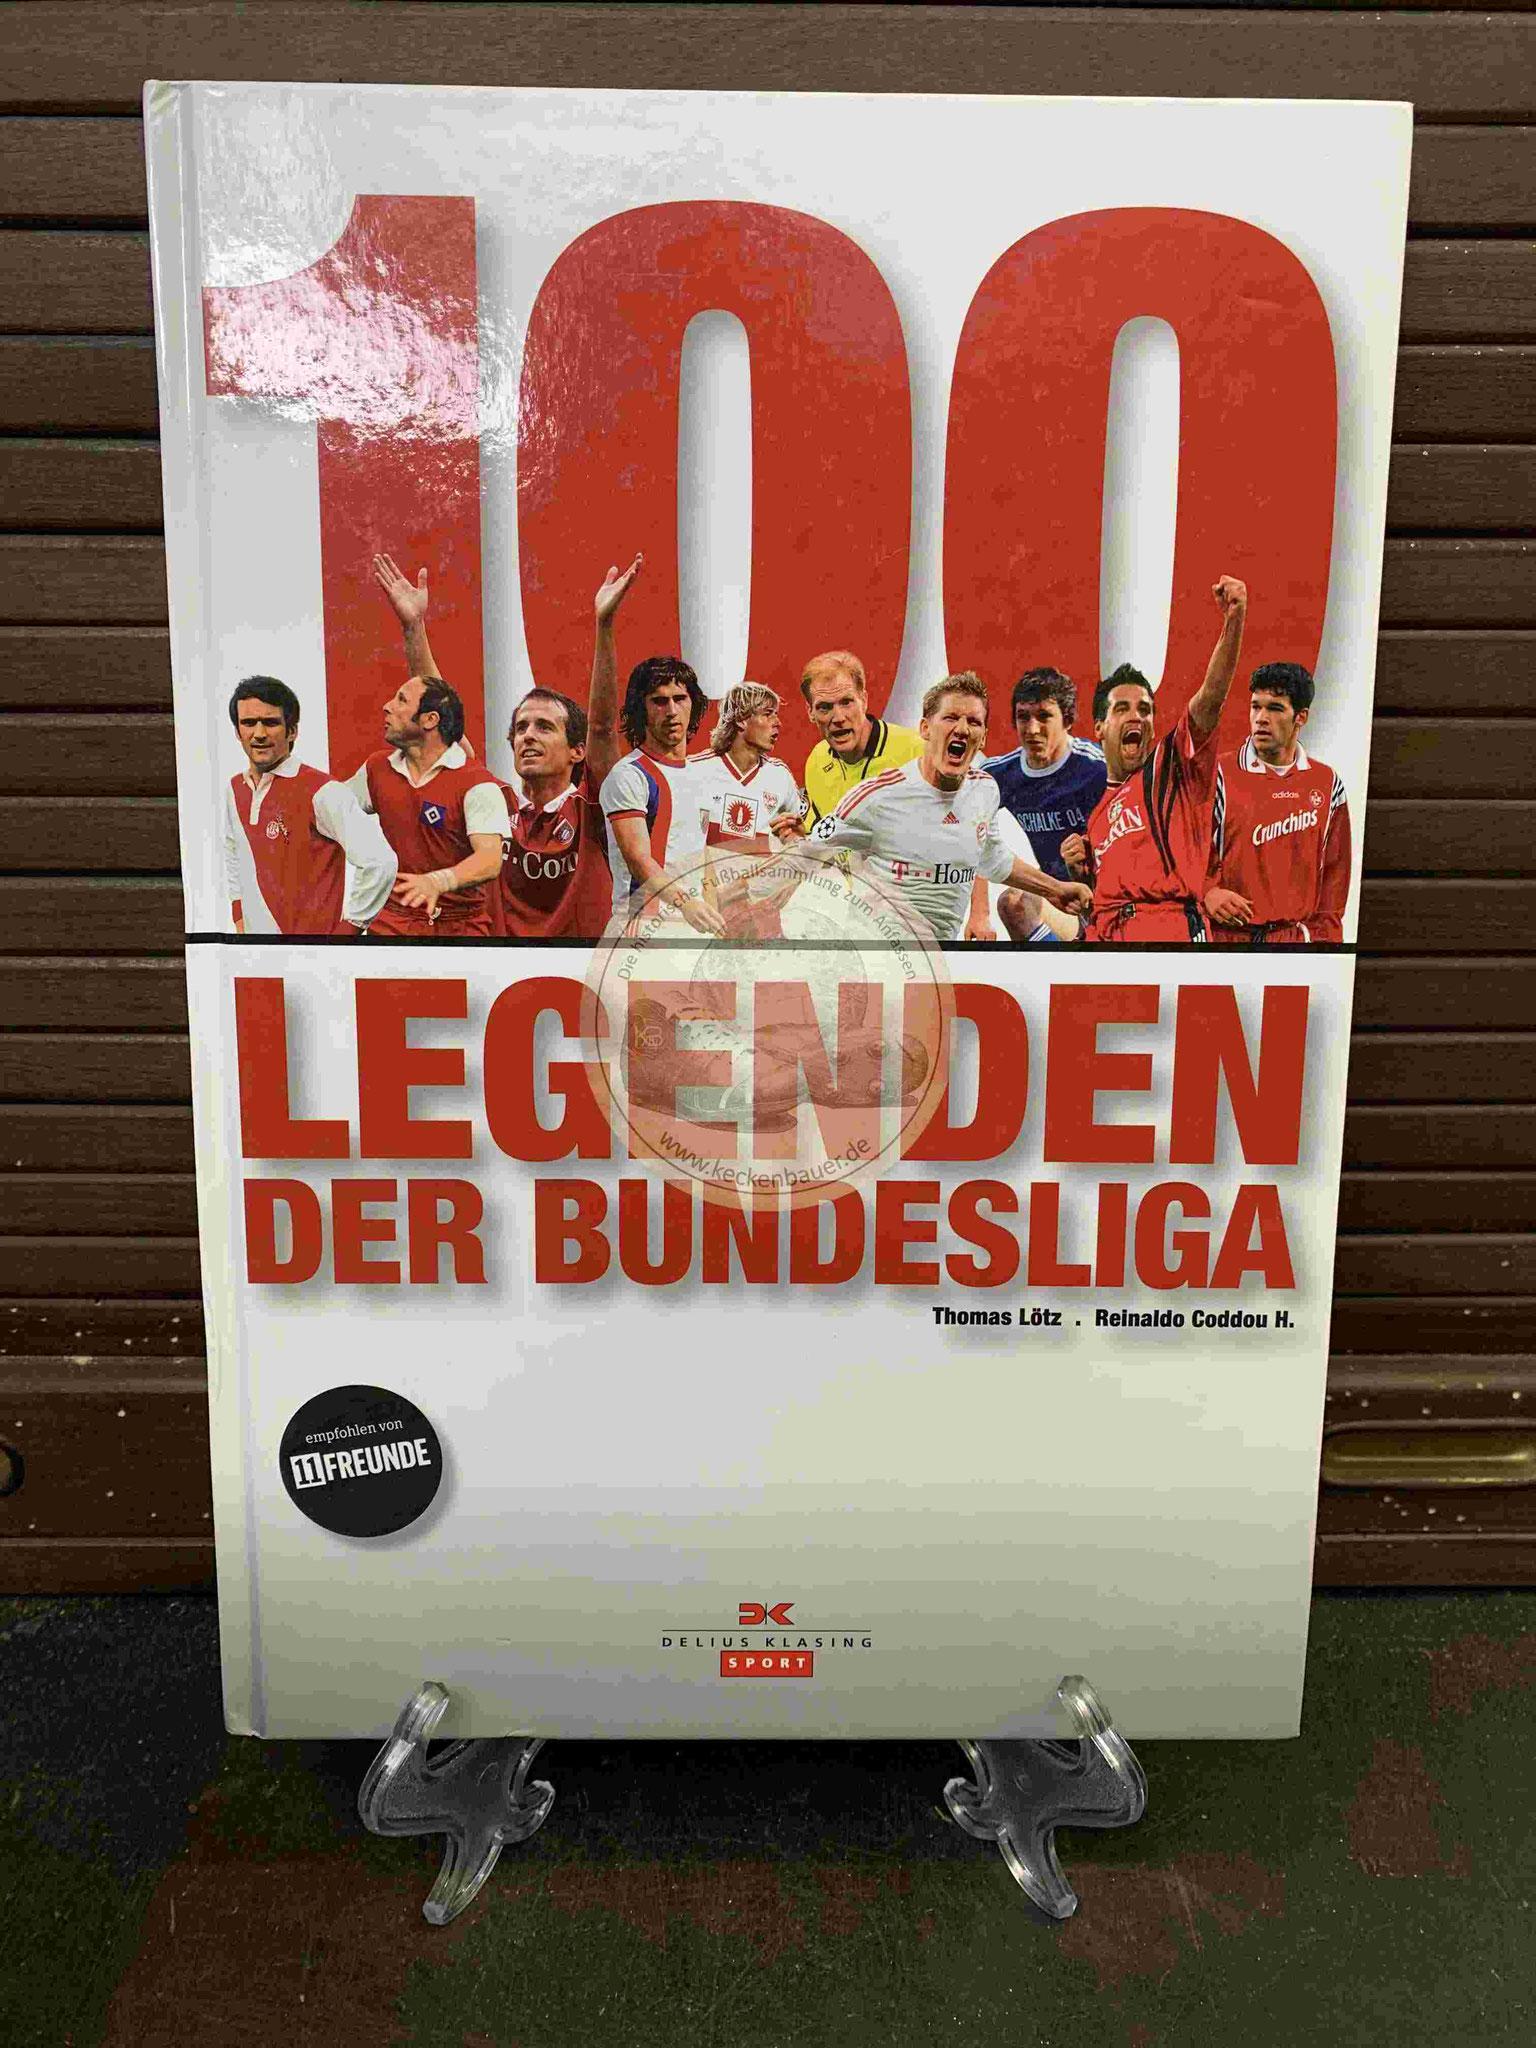 100 Legenden der Bundesliga aus dem Jahr 2009